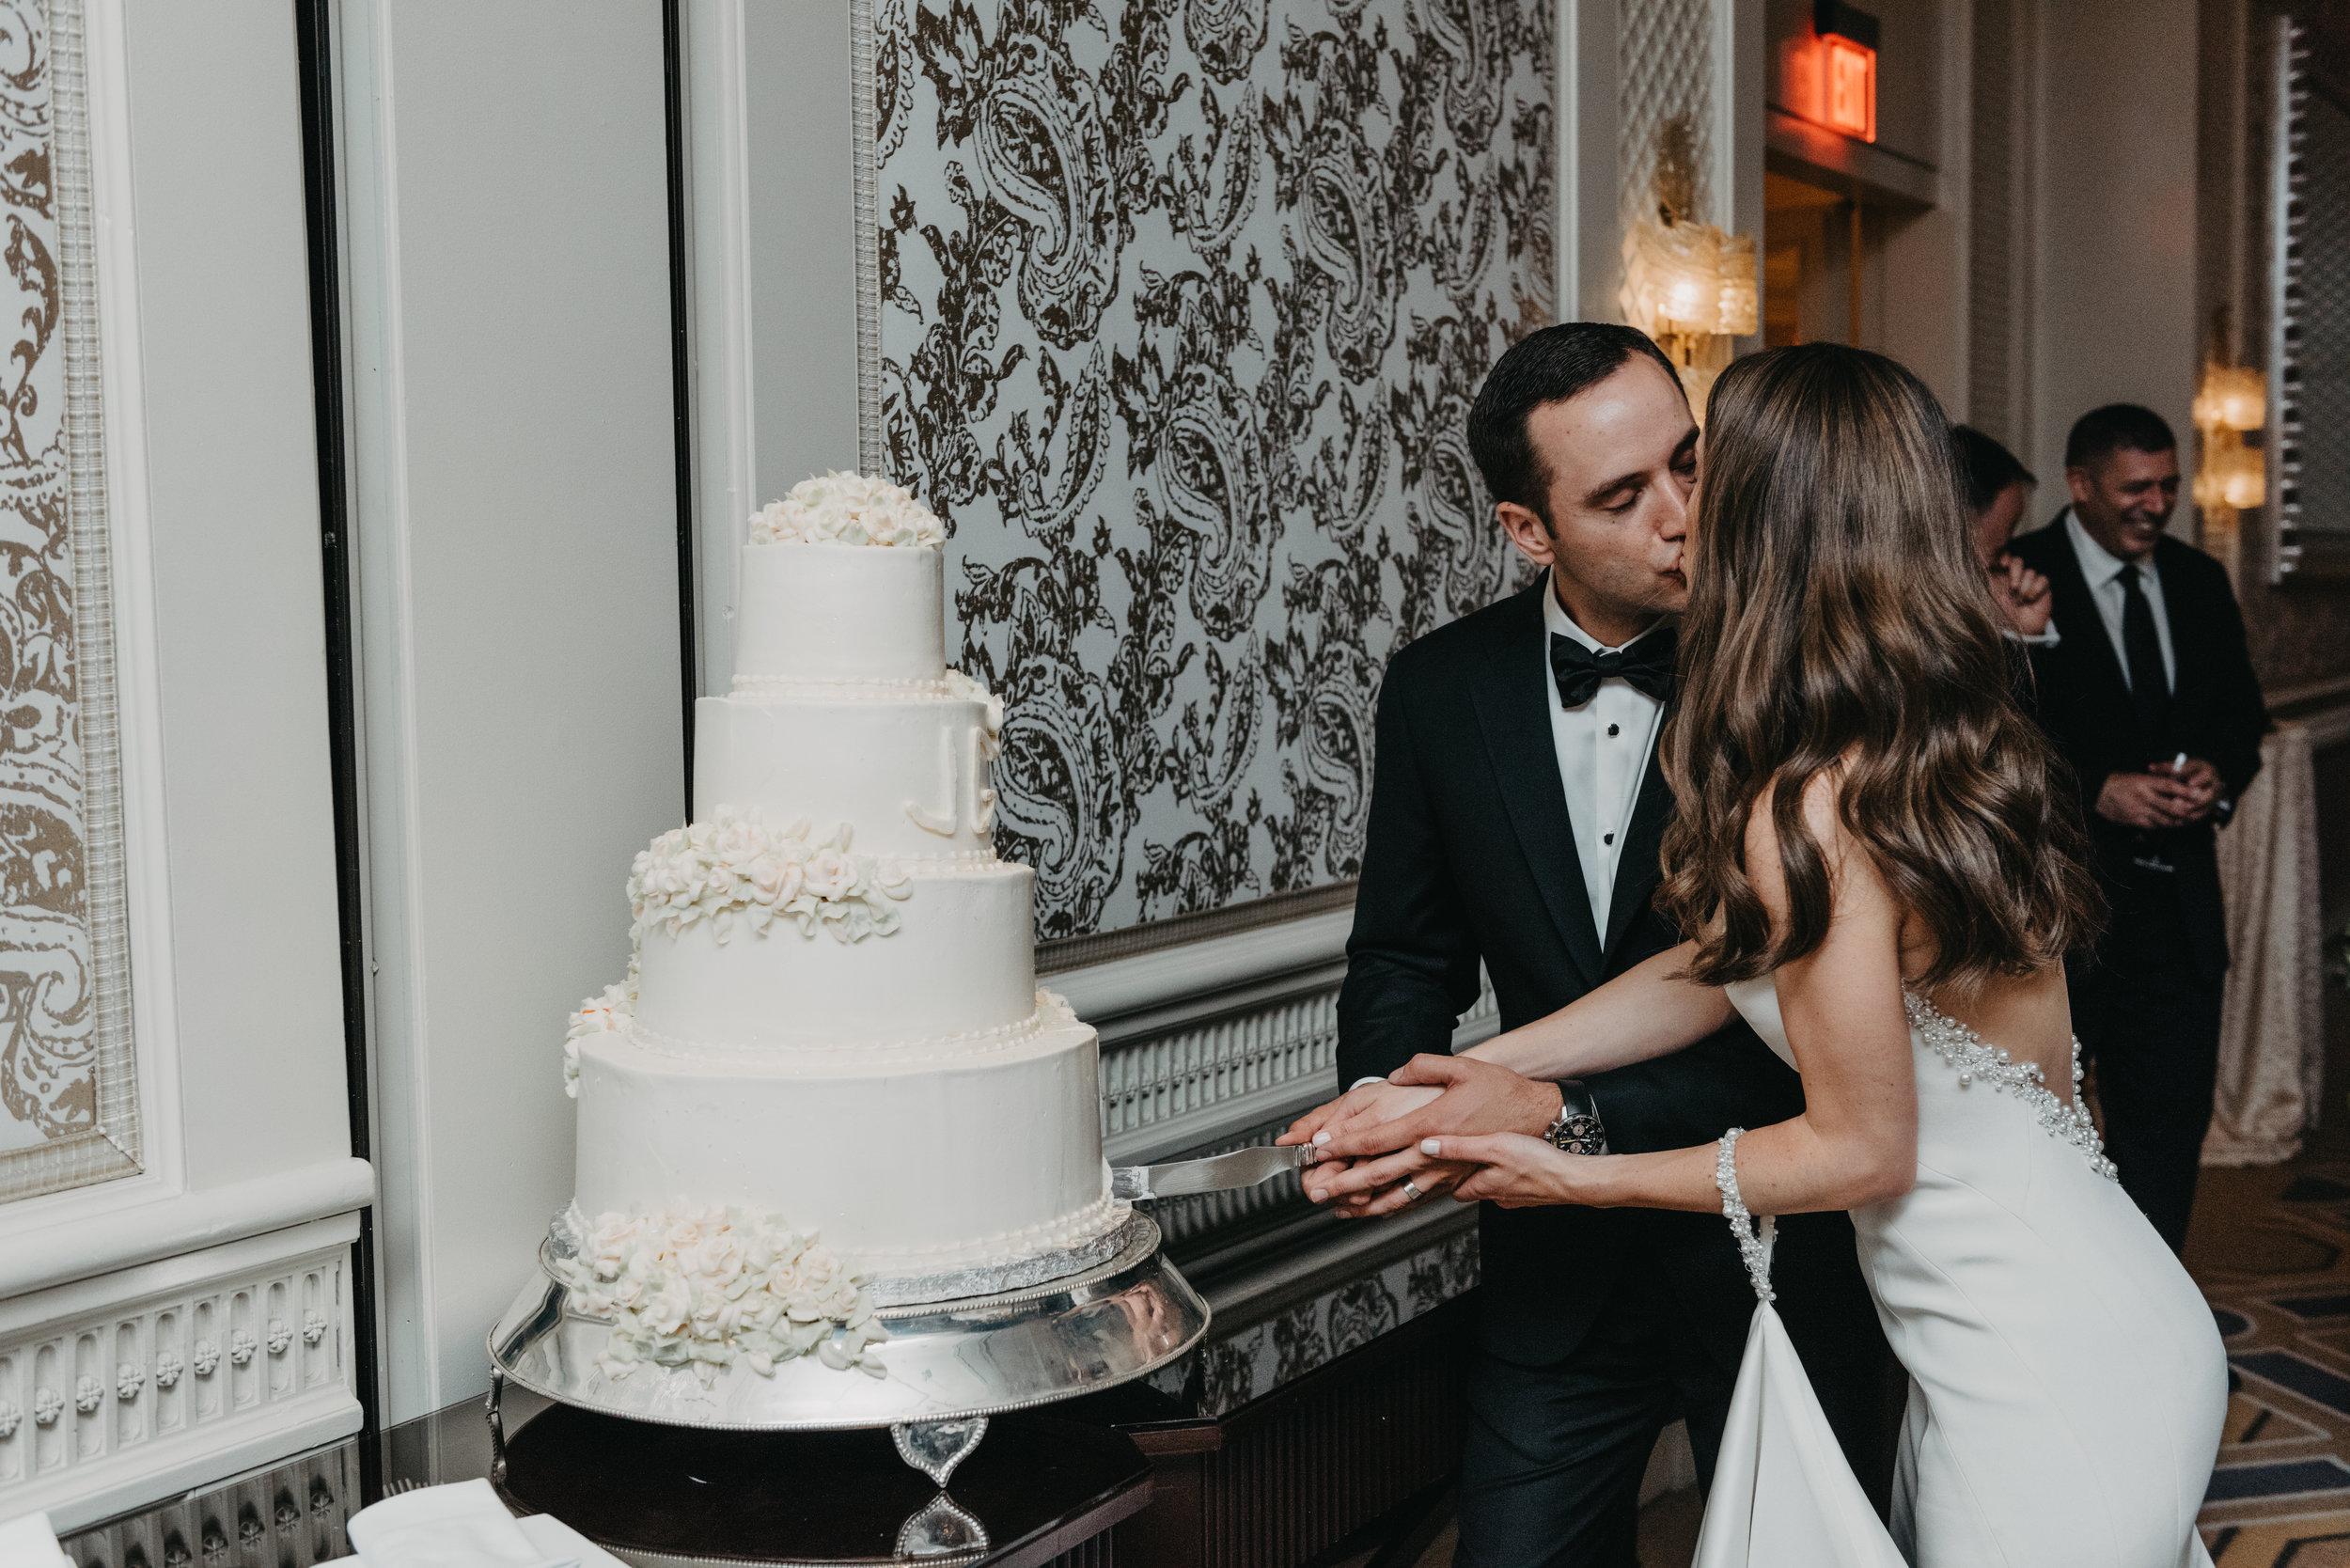 BOSTON PUBLIC GARDEN WEDDING, GARDEN WEDDING, BOSTON WEDDING PLANNER, NICOLE SIMERAL, FOUR SEASONS WEDDING, CLASSIC, TIMELESS, WEDDING WEDDING PLANNER, DESTINATION WEDDING, CAKE CUTTING, OLD FASHIONED TRADITIONS